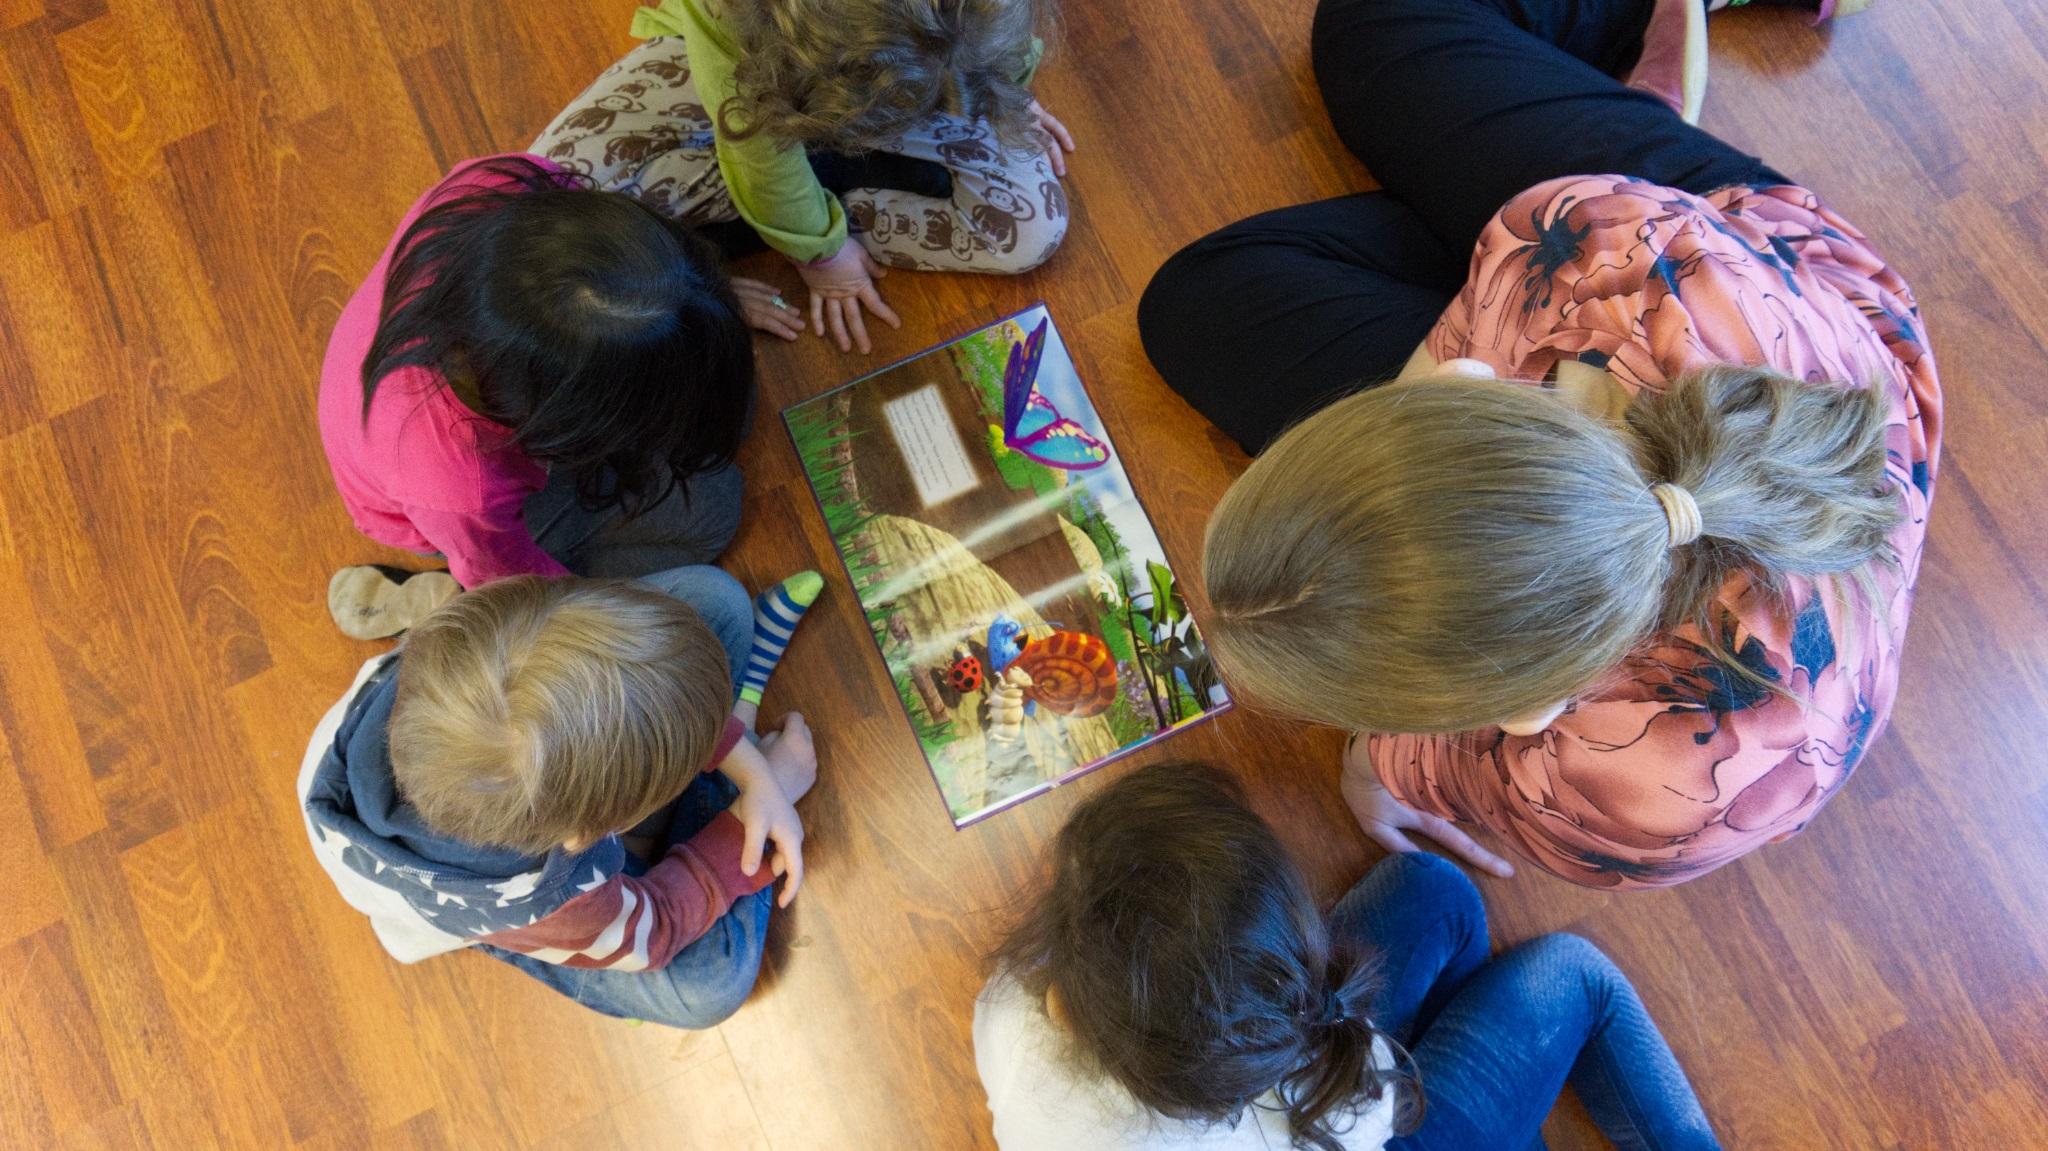 Opettaja ja lapset lattialla ympyrässä lukemassa kirjaa, kuva